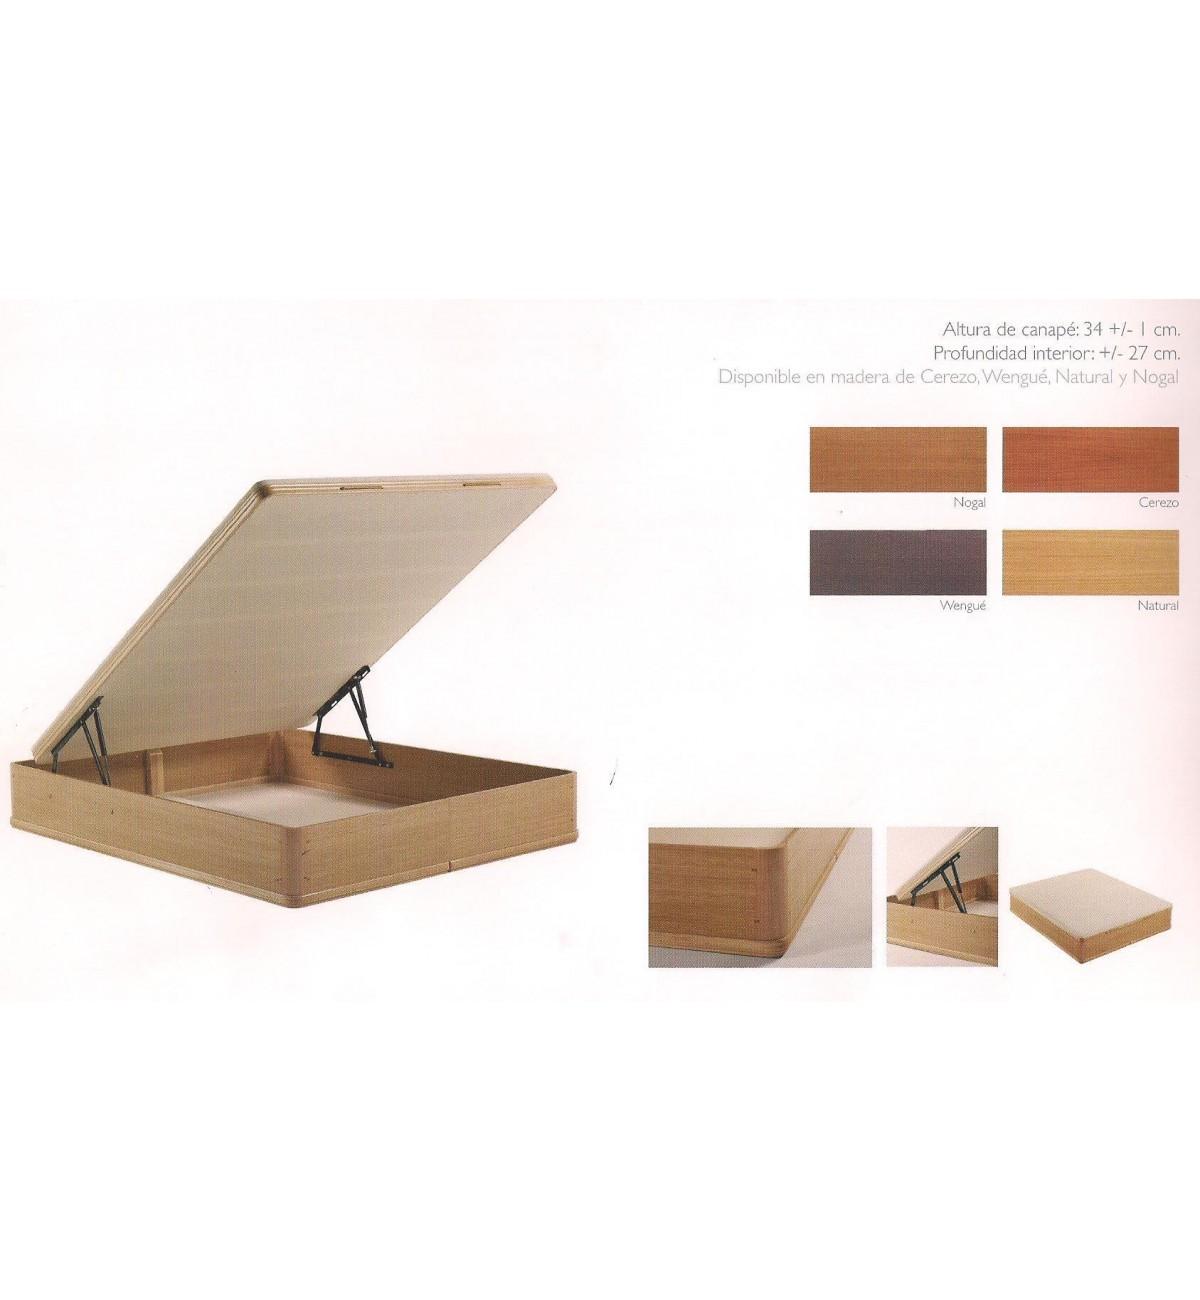 Canap abatible aspol dise o madera colchones online buen - Fotos en madera ...